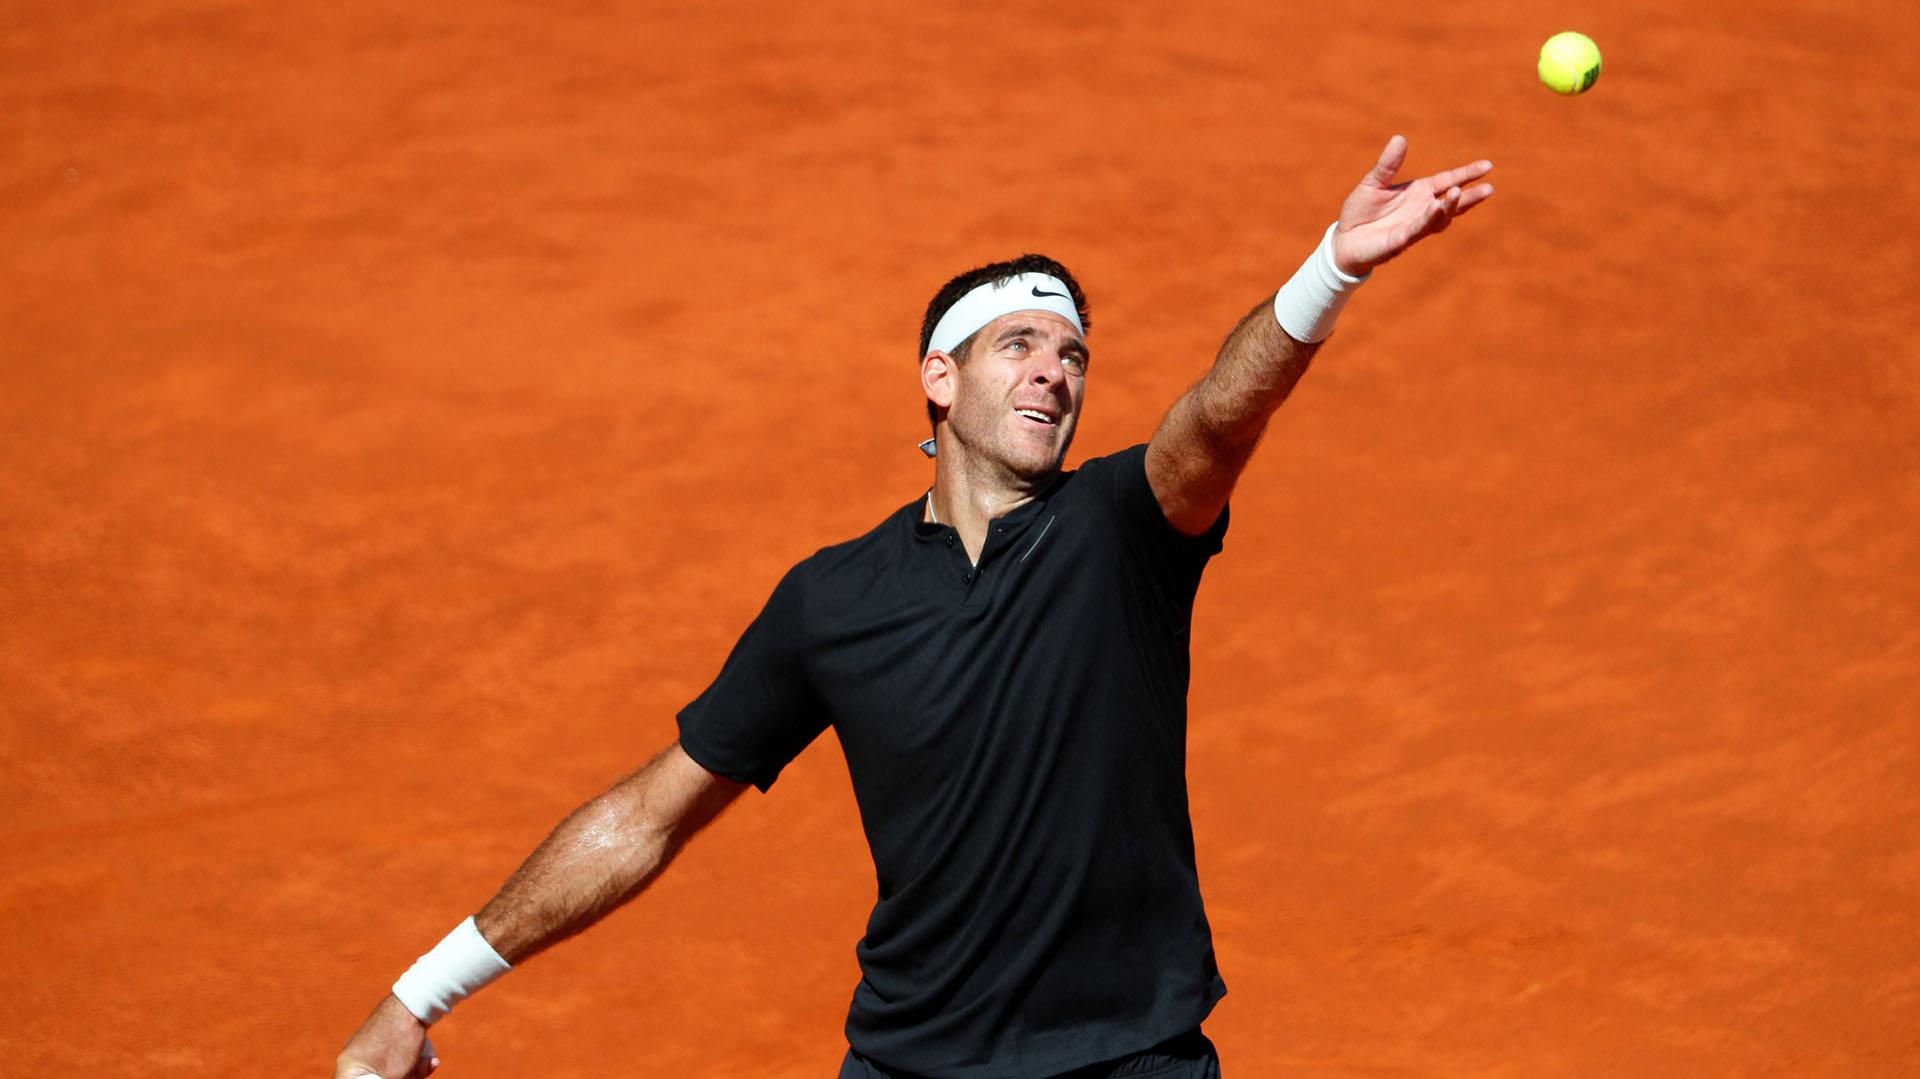 Delpo se presenta en el campeonato que se disputa en la arcilla italiana (Reuters/Paul Hanna)